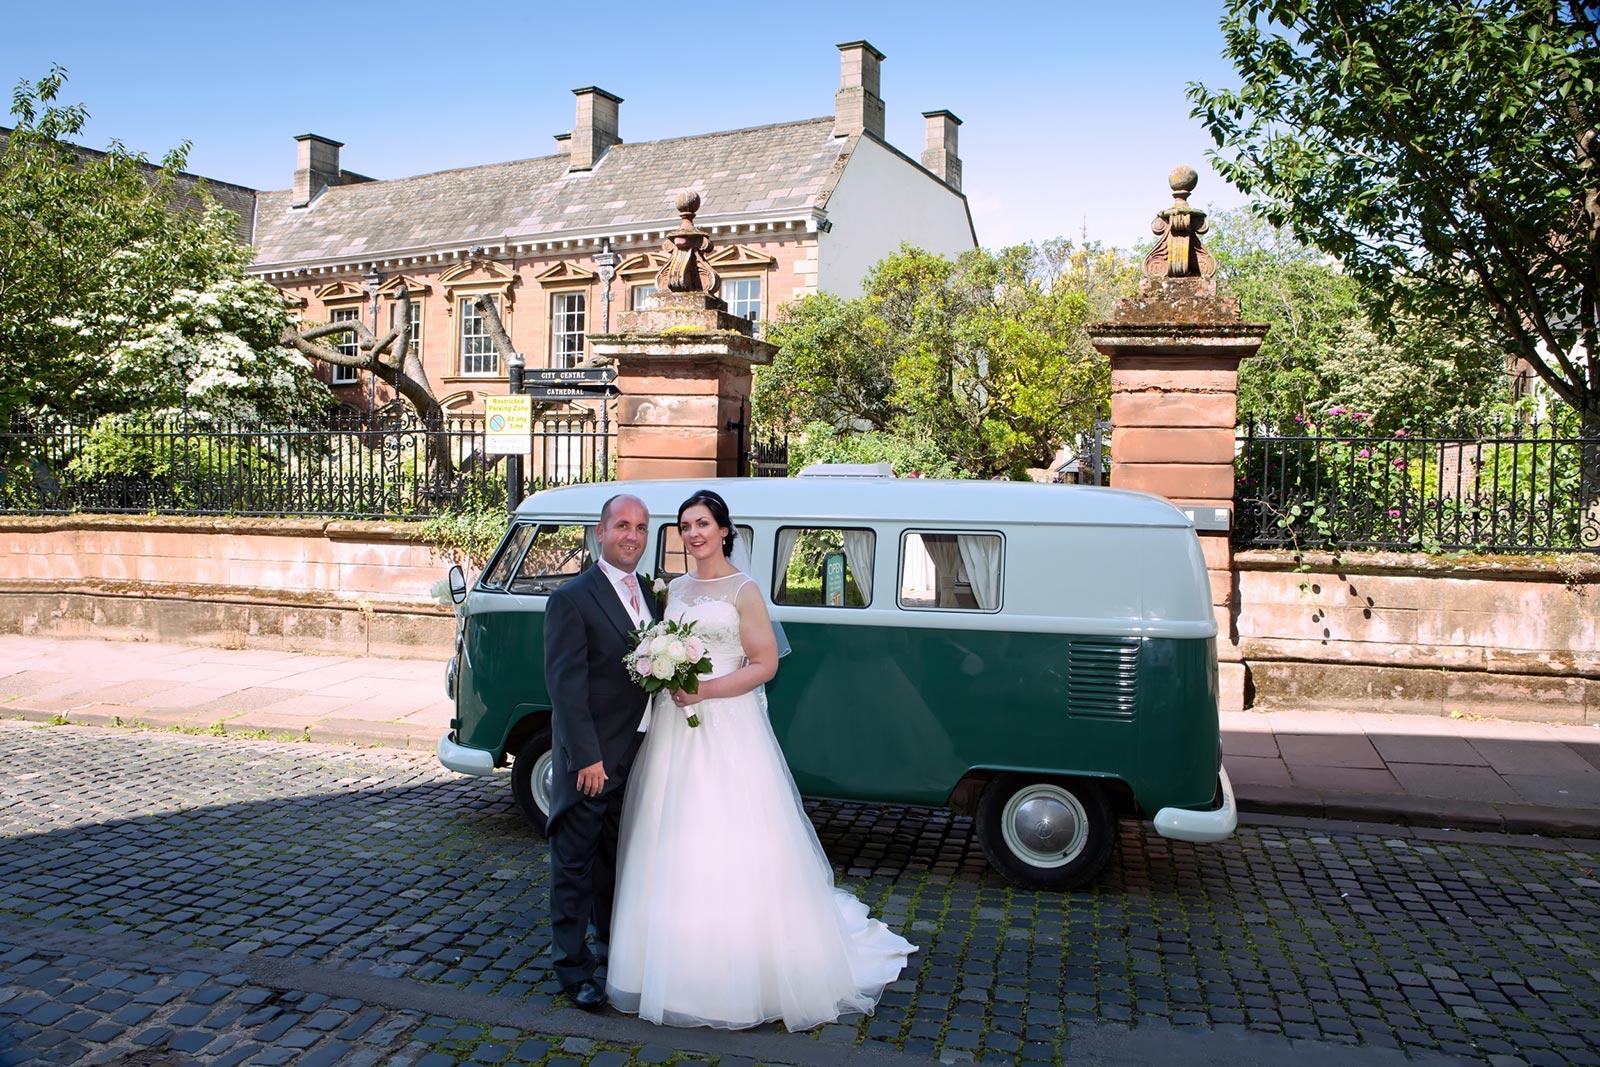 Wedding Couple Photographed by Keltic Rose Photography outside Tullie House Museum Carlisle